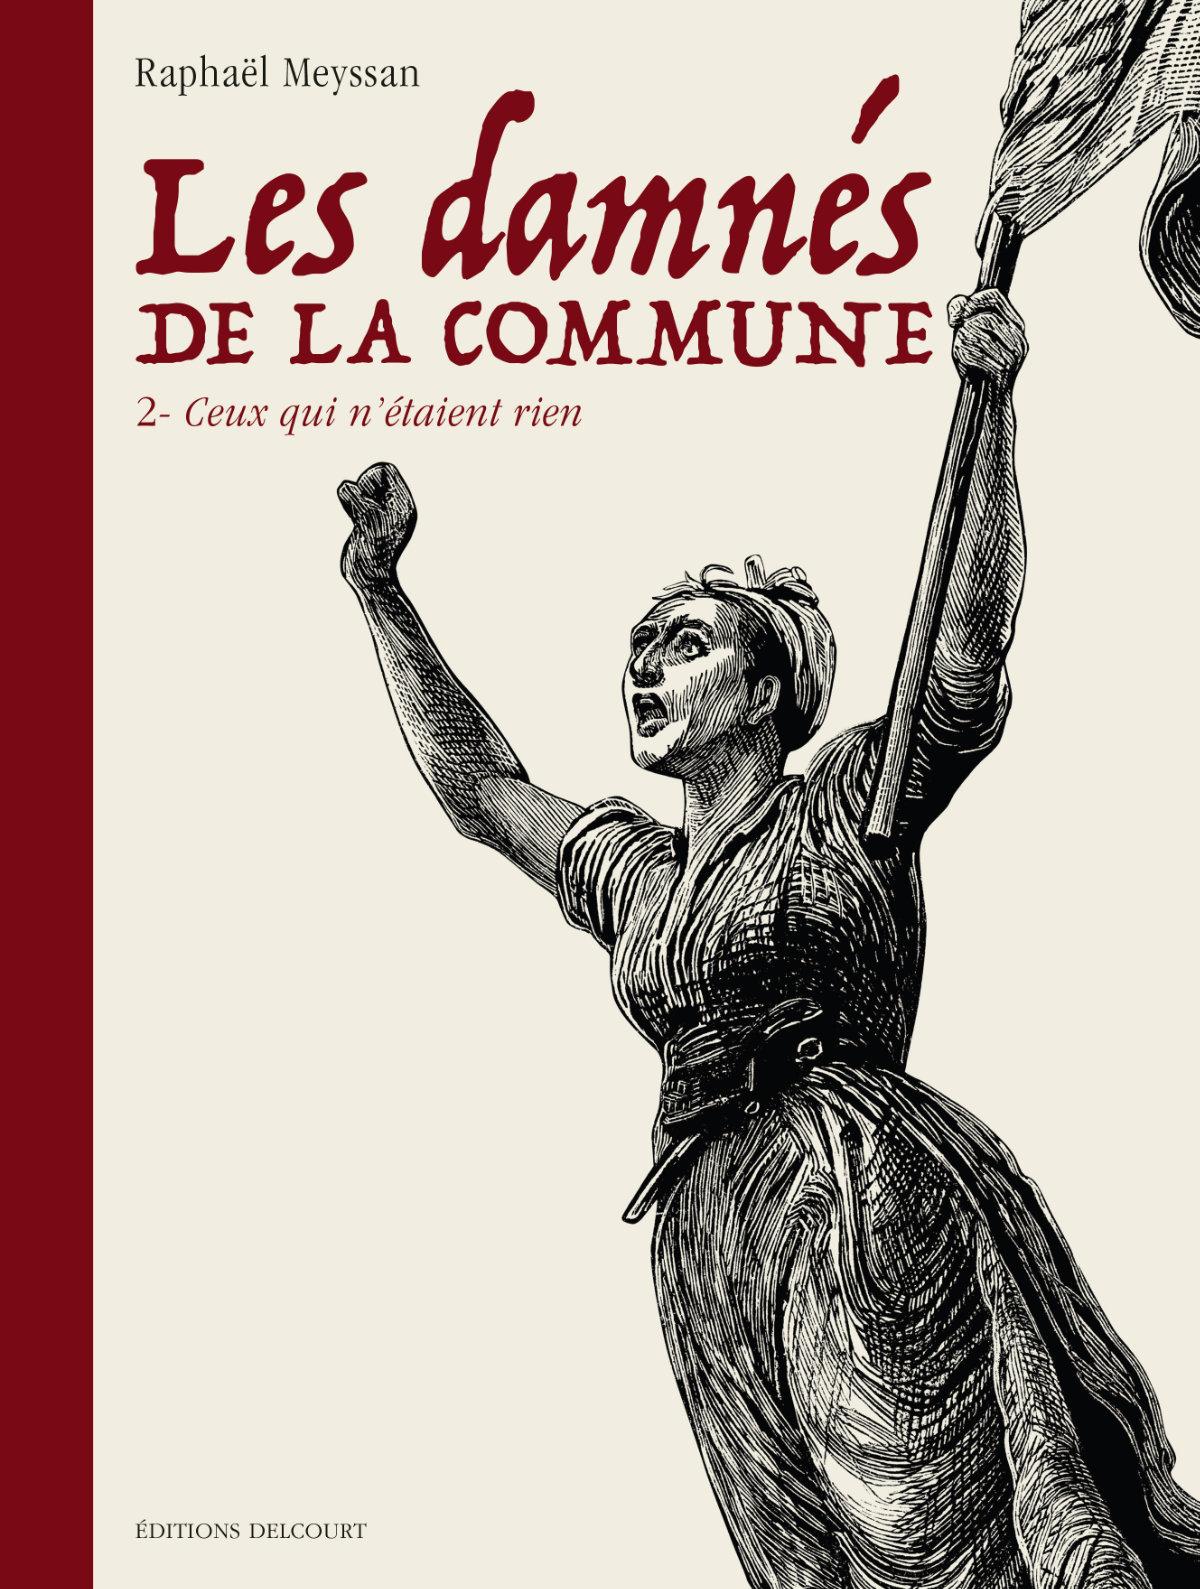 """Commune de Paris: """"Les Damnés"""" de Raphaël Meyssan Tome 2"""